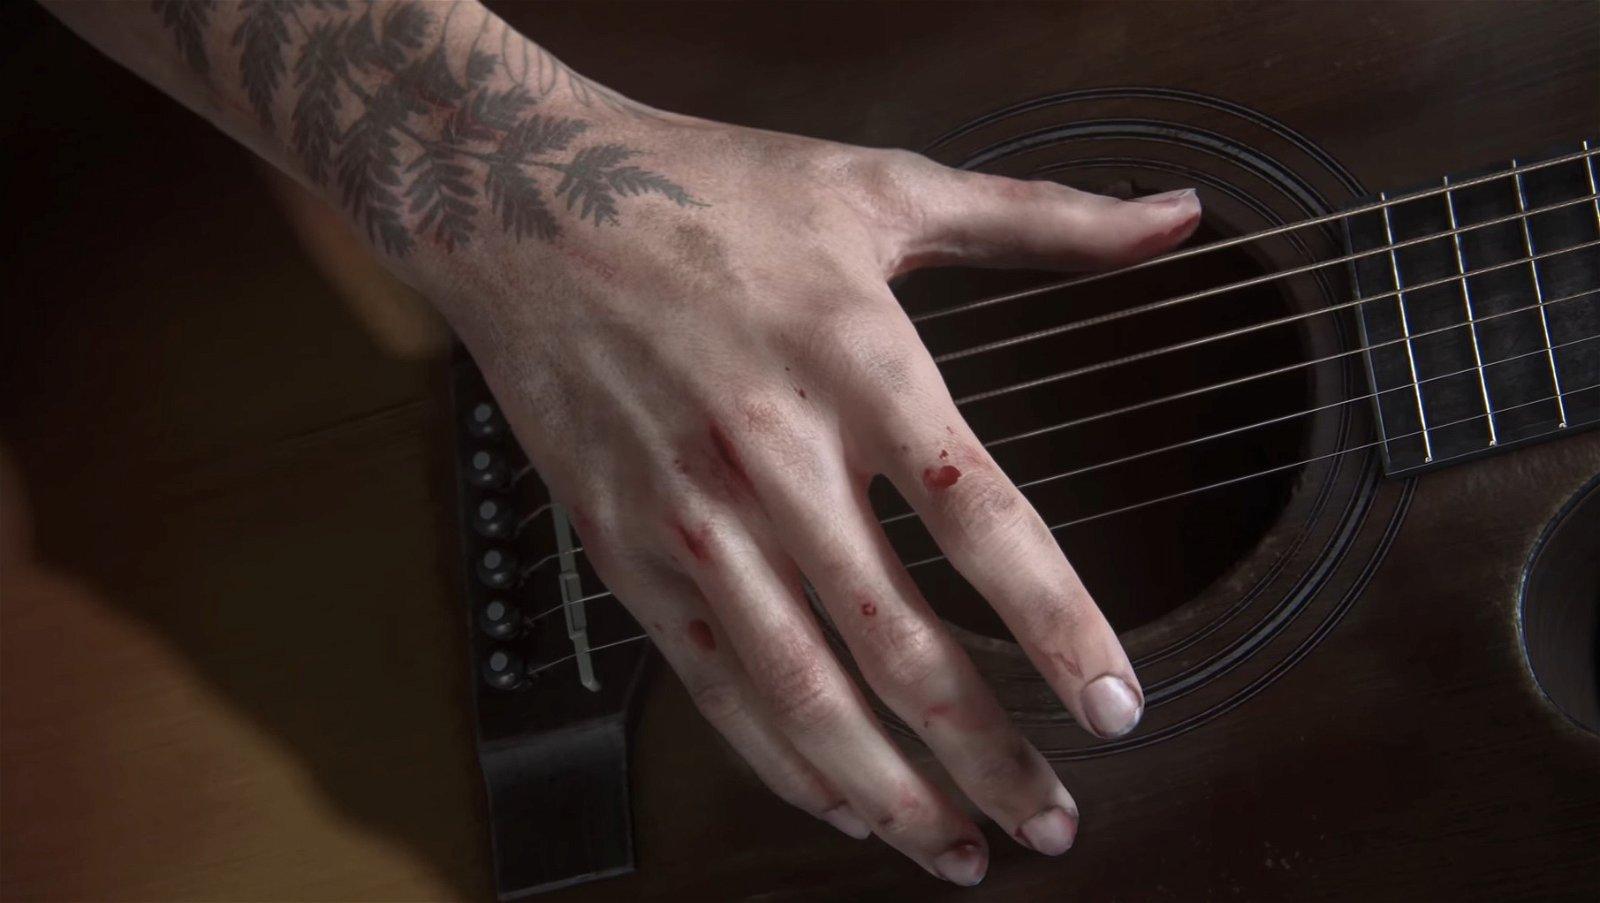 The Last of Us 2: Los memes de Ellie con la guitarra inundan las redes